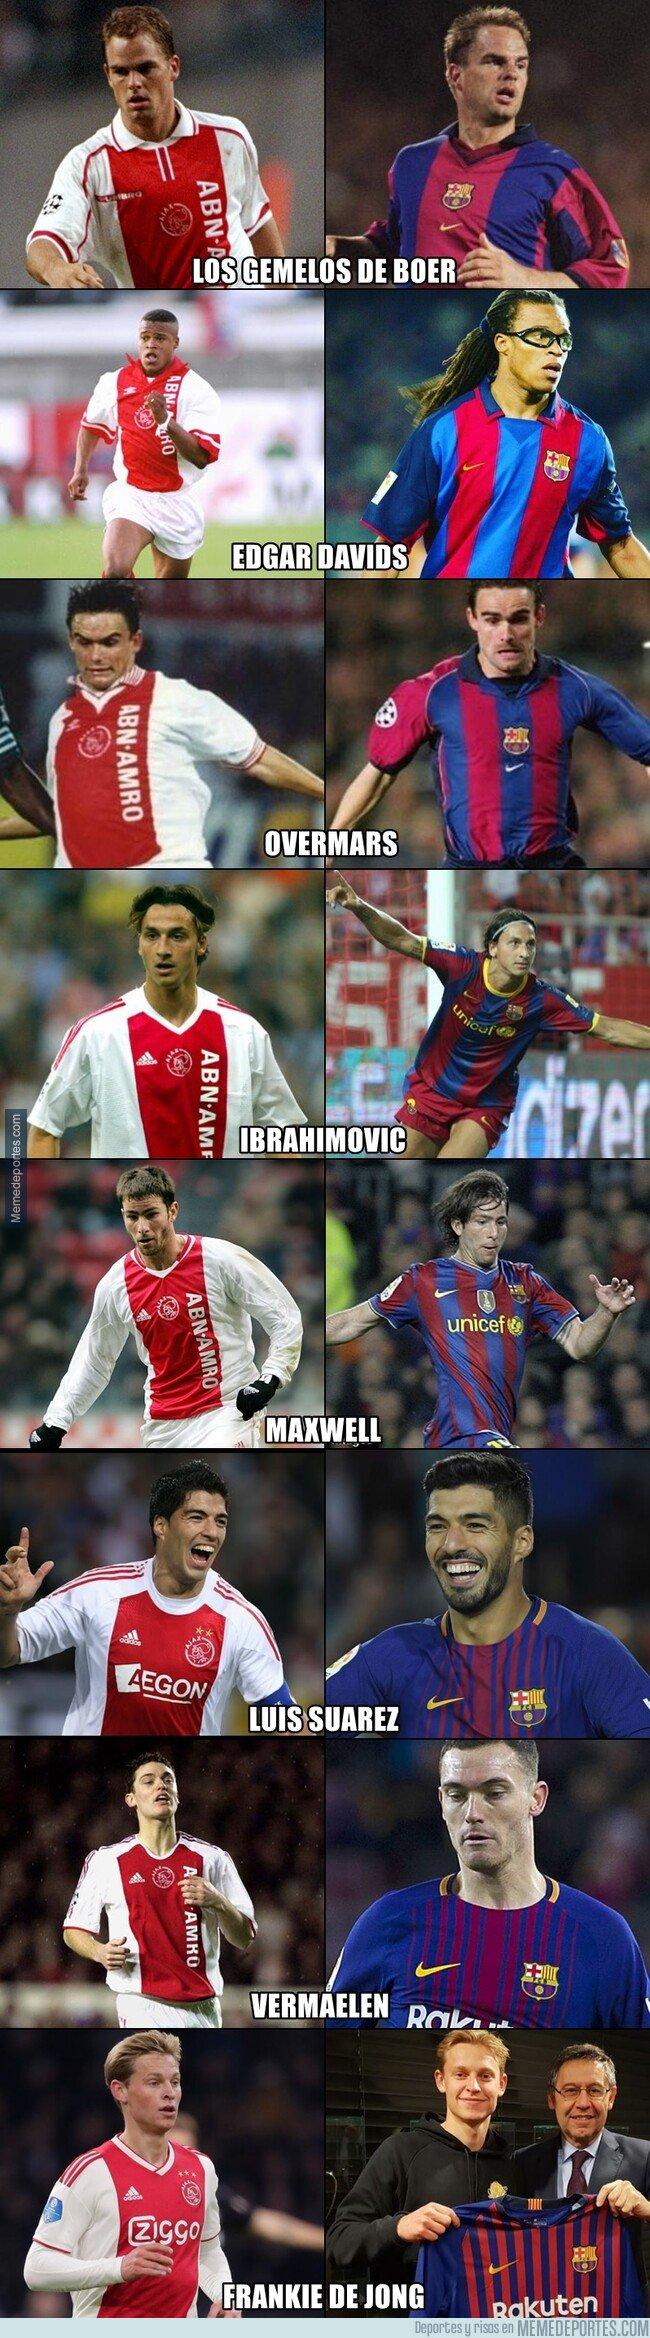 1062445 - Los últimos 8 futbolistas que jugaron en el Ajax y luego pasaron al Barcelona